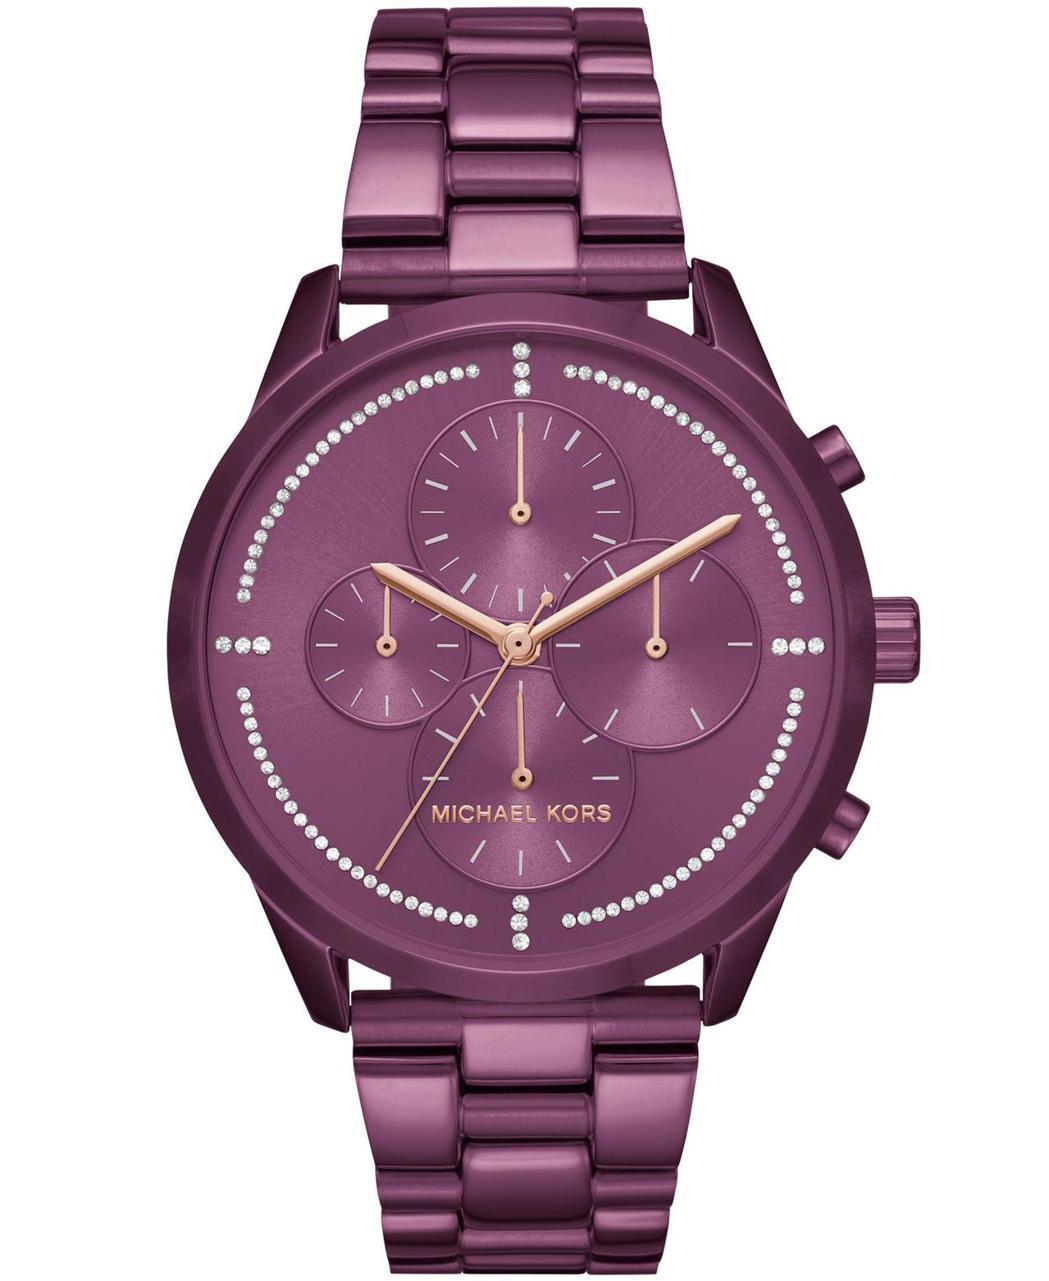 Michael Kors Slater系列四眼計時表盤密鑲水晶腕表,約11,30...